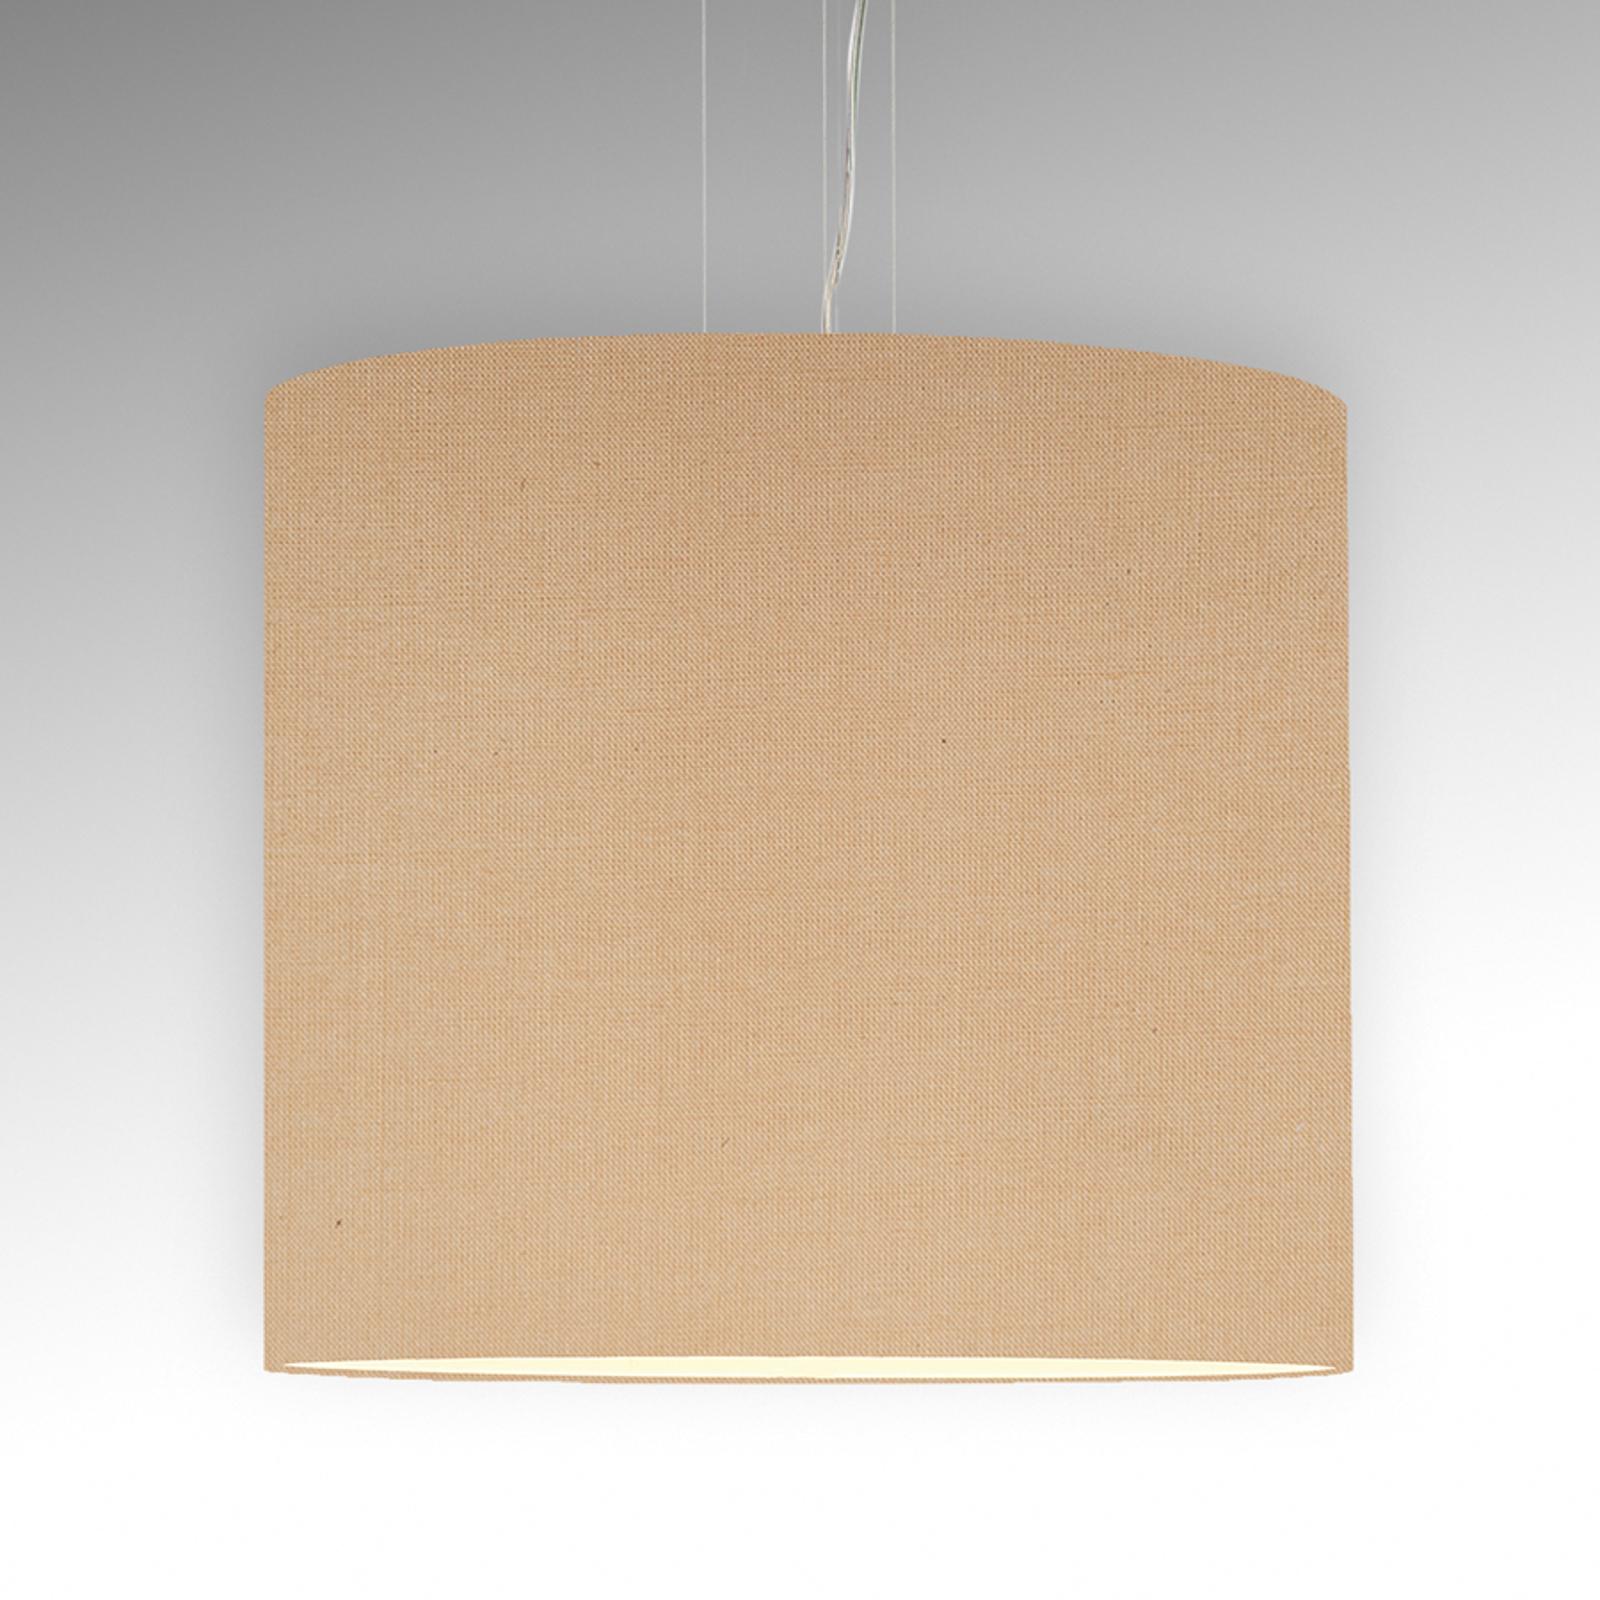 Pelkistetty Tono-riippuvalaisin, beige Ø 60 cm